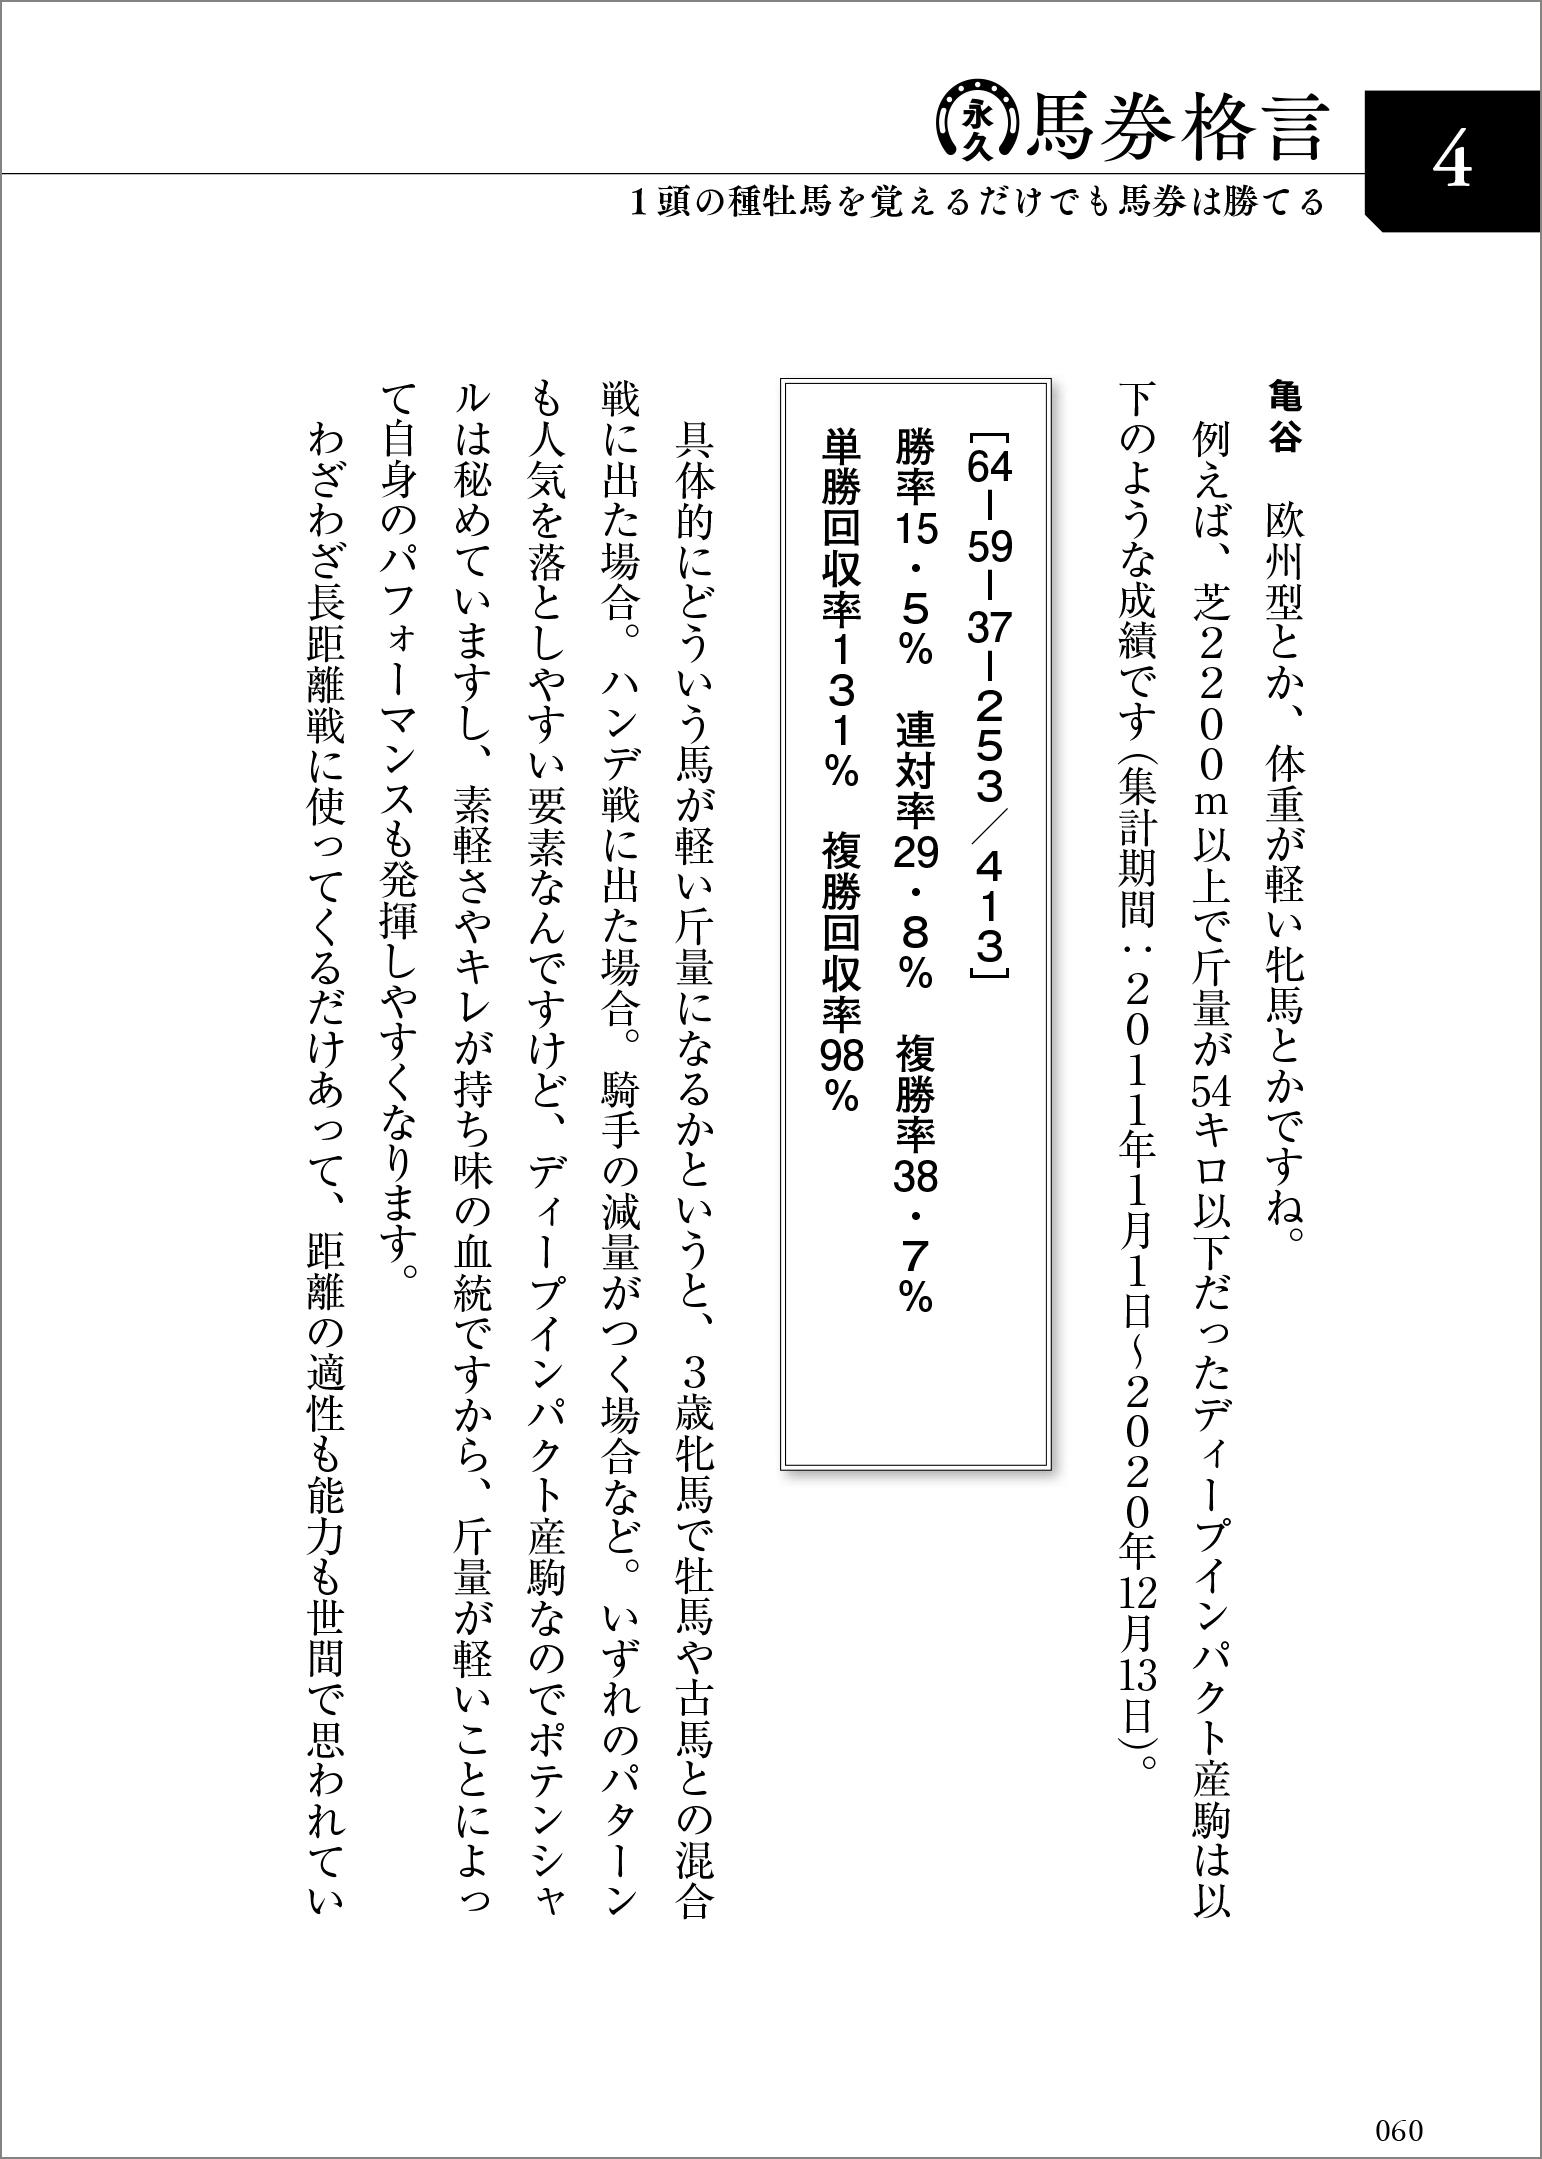 馬券格言_p.60